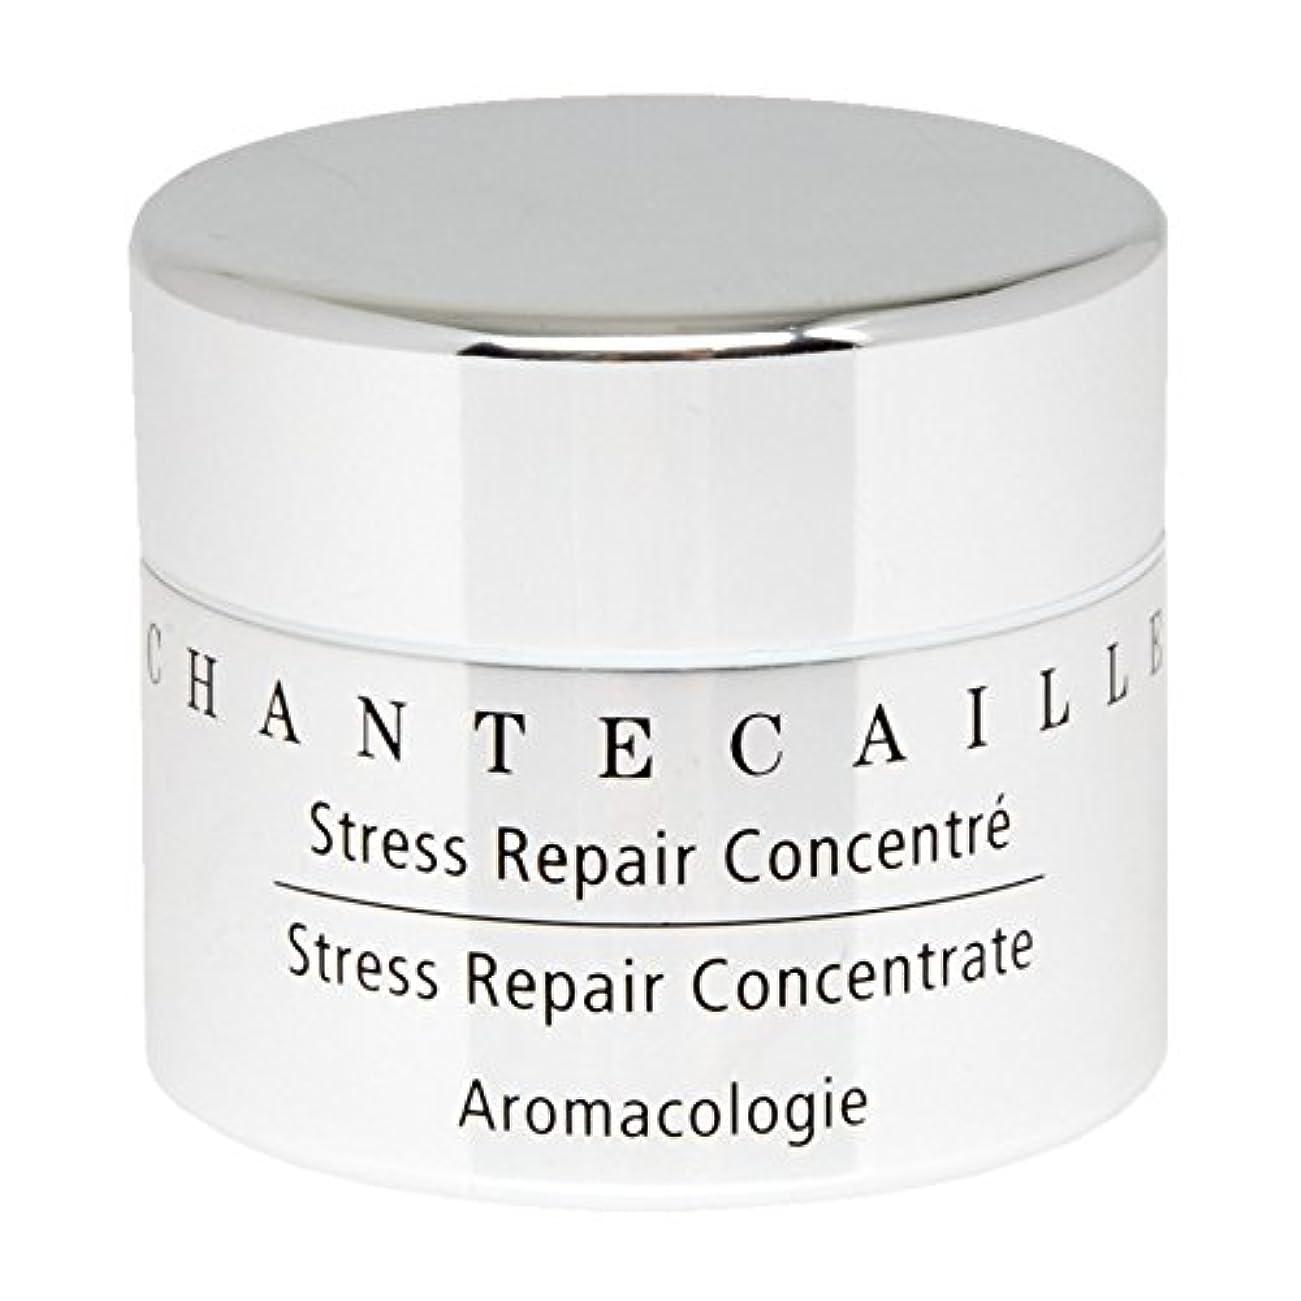 レンズ抹消新しさChantecaille Stress Repair Concentrate 15ml (Pack of 6) - シャンテカイユストレス修復濃縮15ミリリットル x6 [並行輸入品]